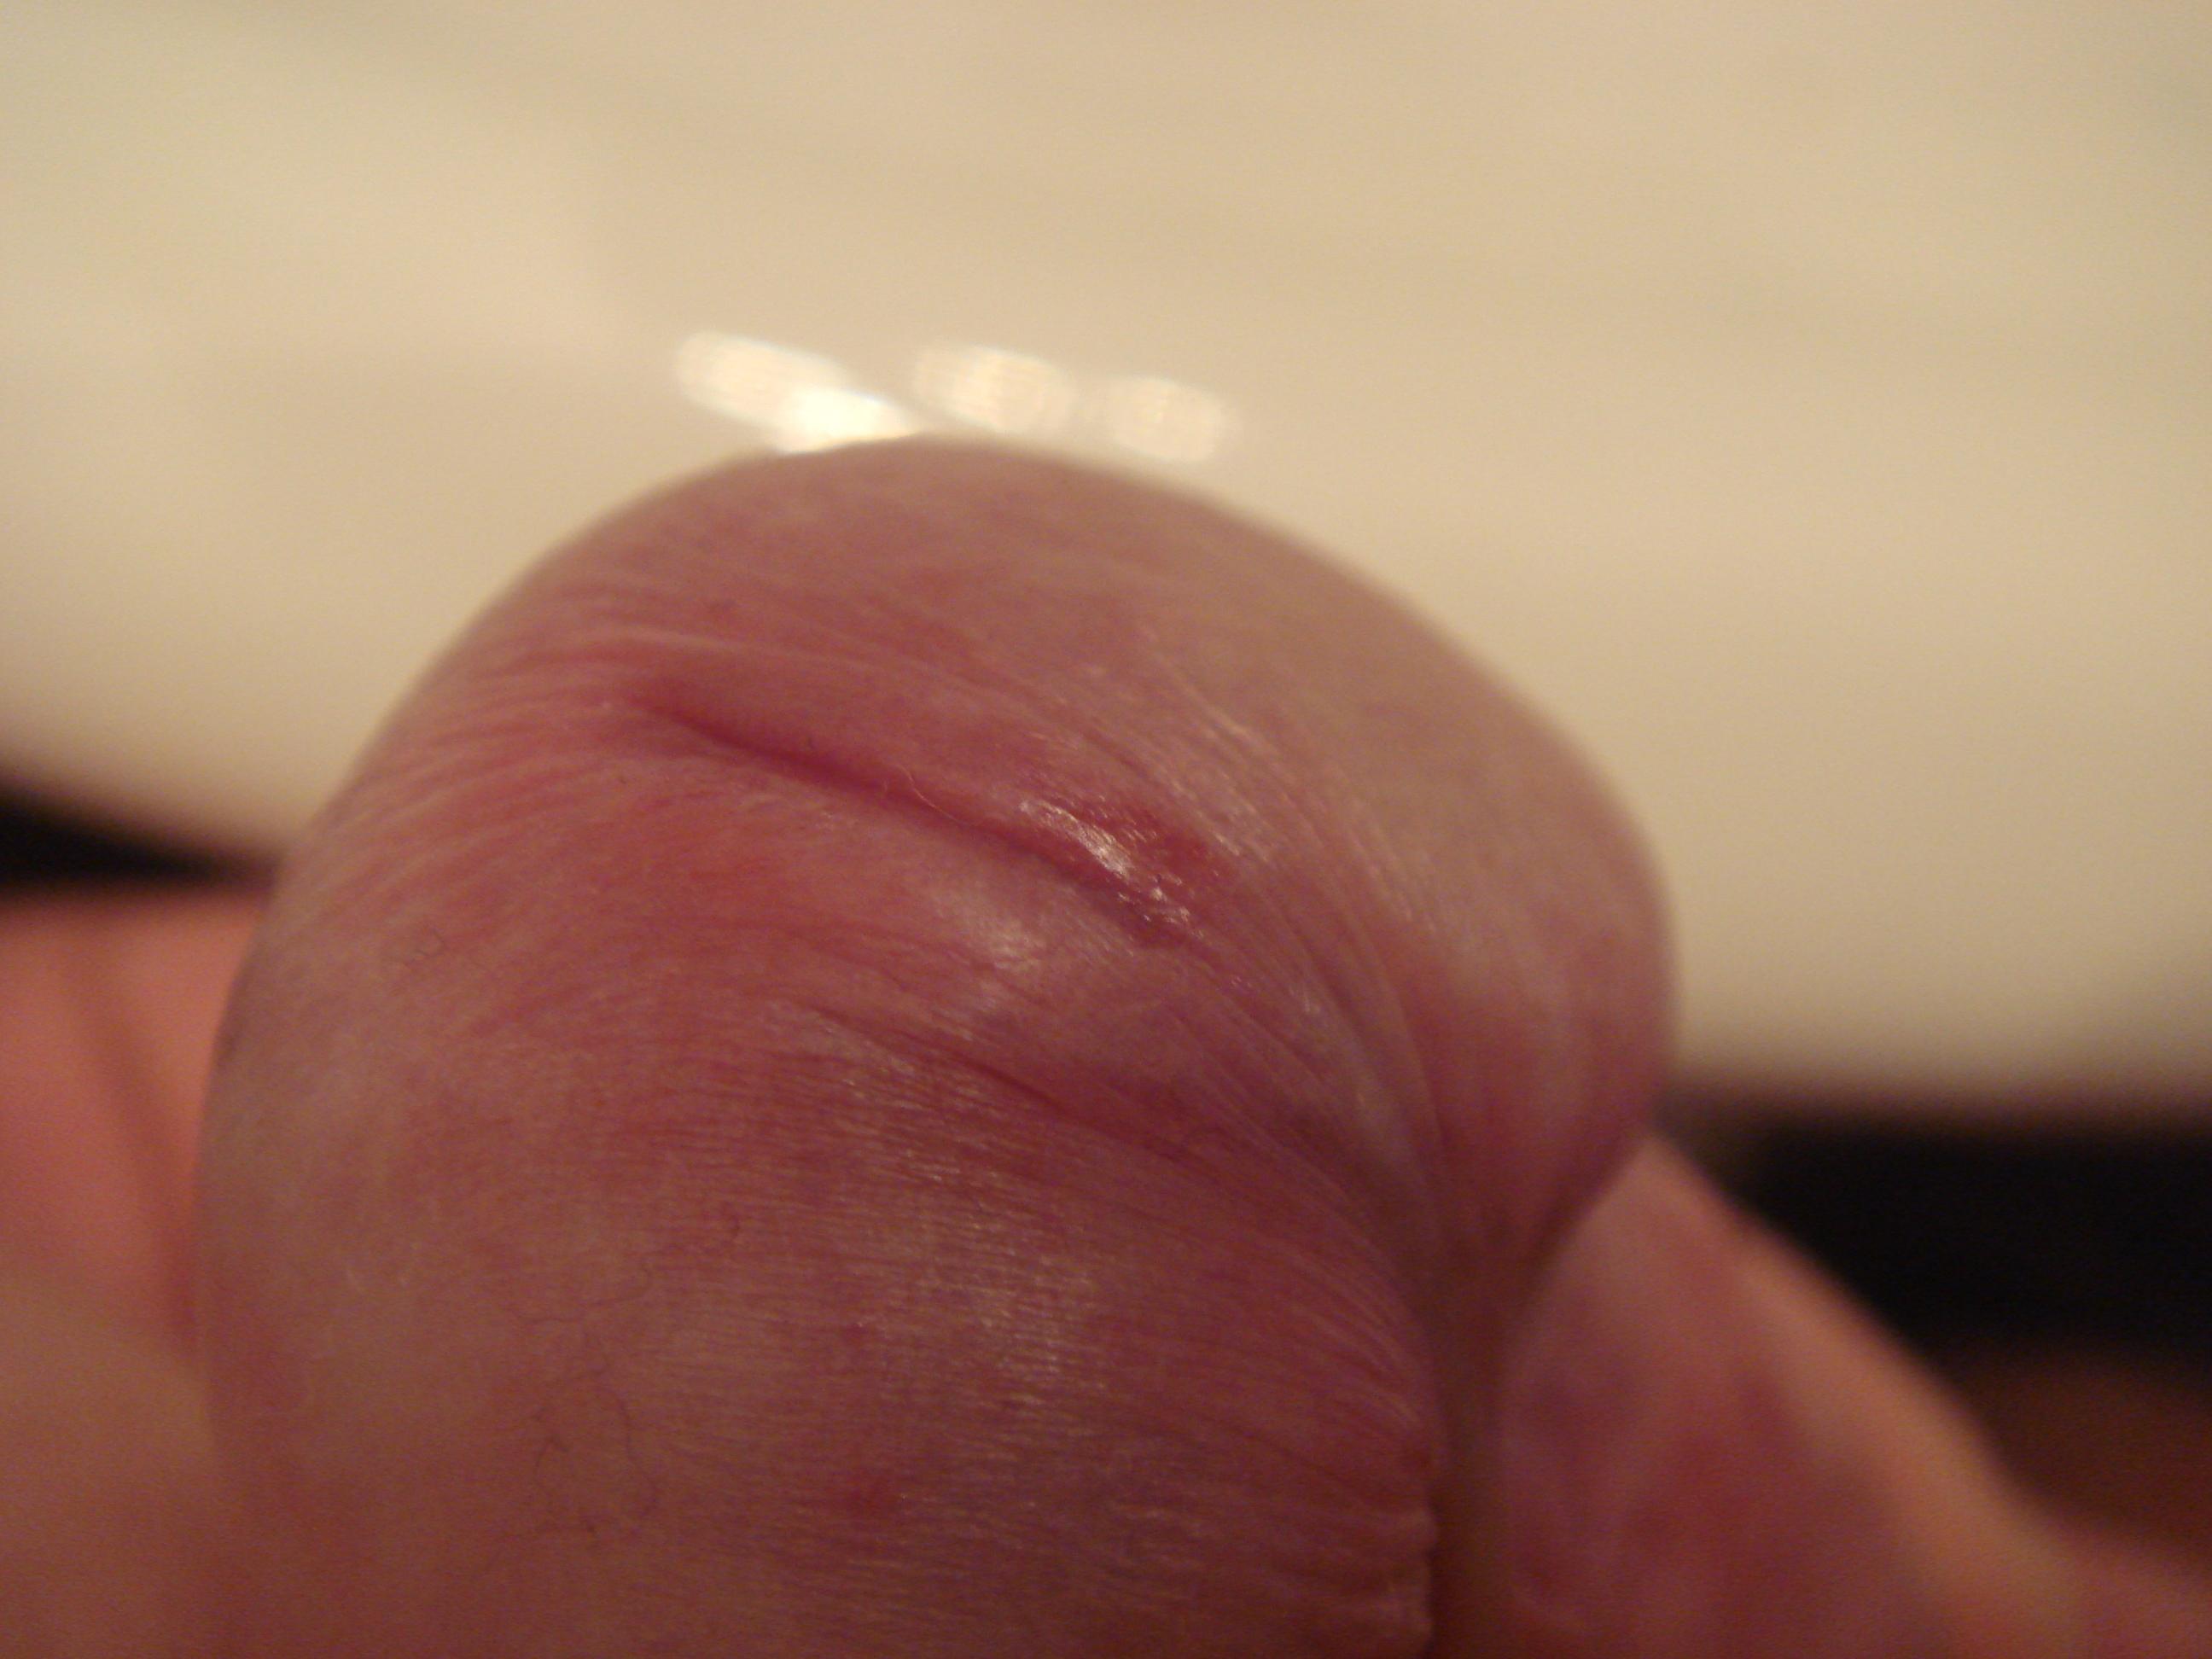 Reddish rash on penis